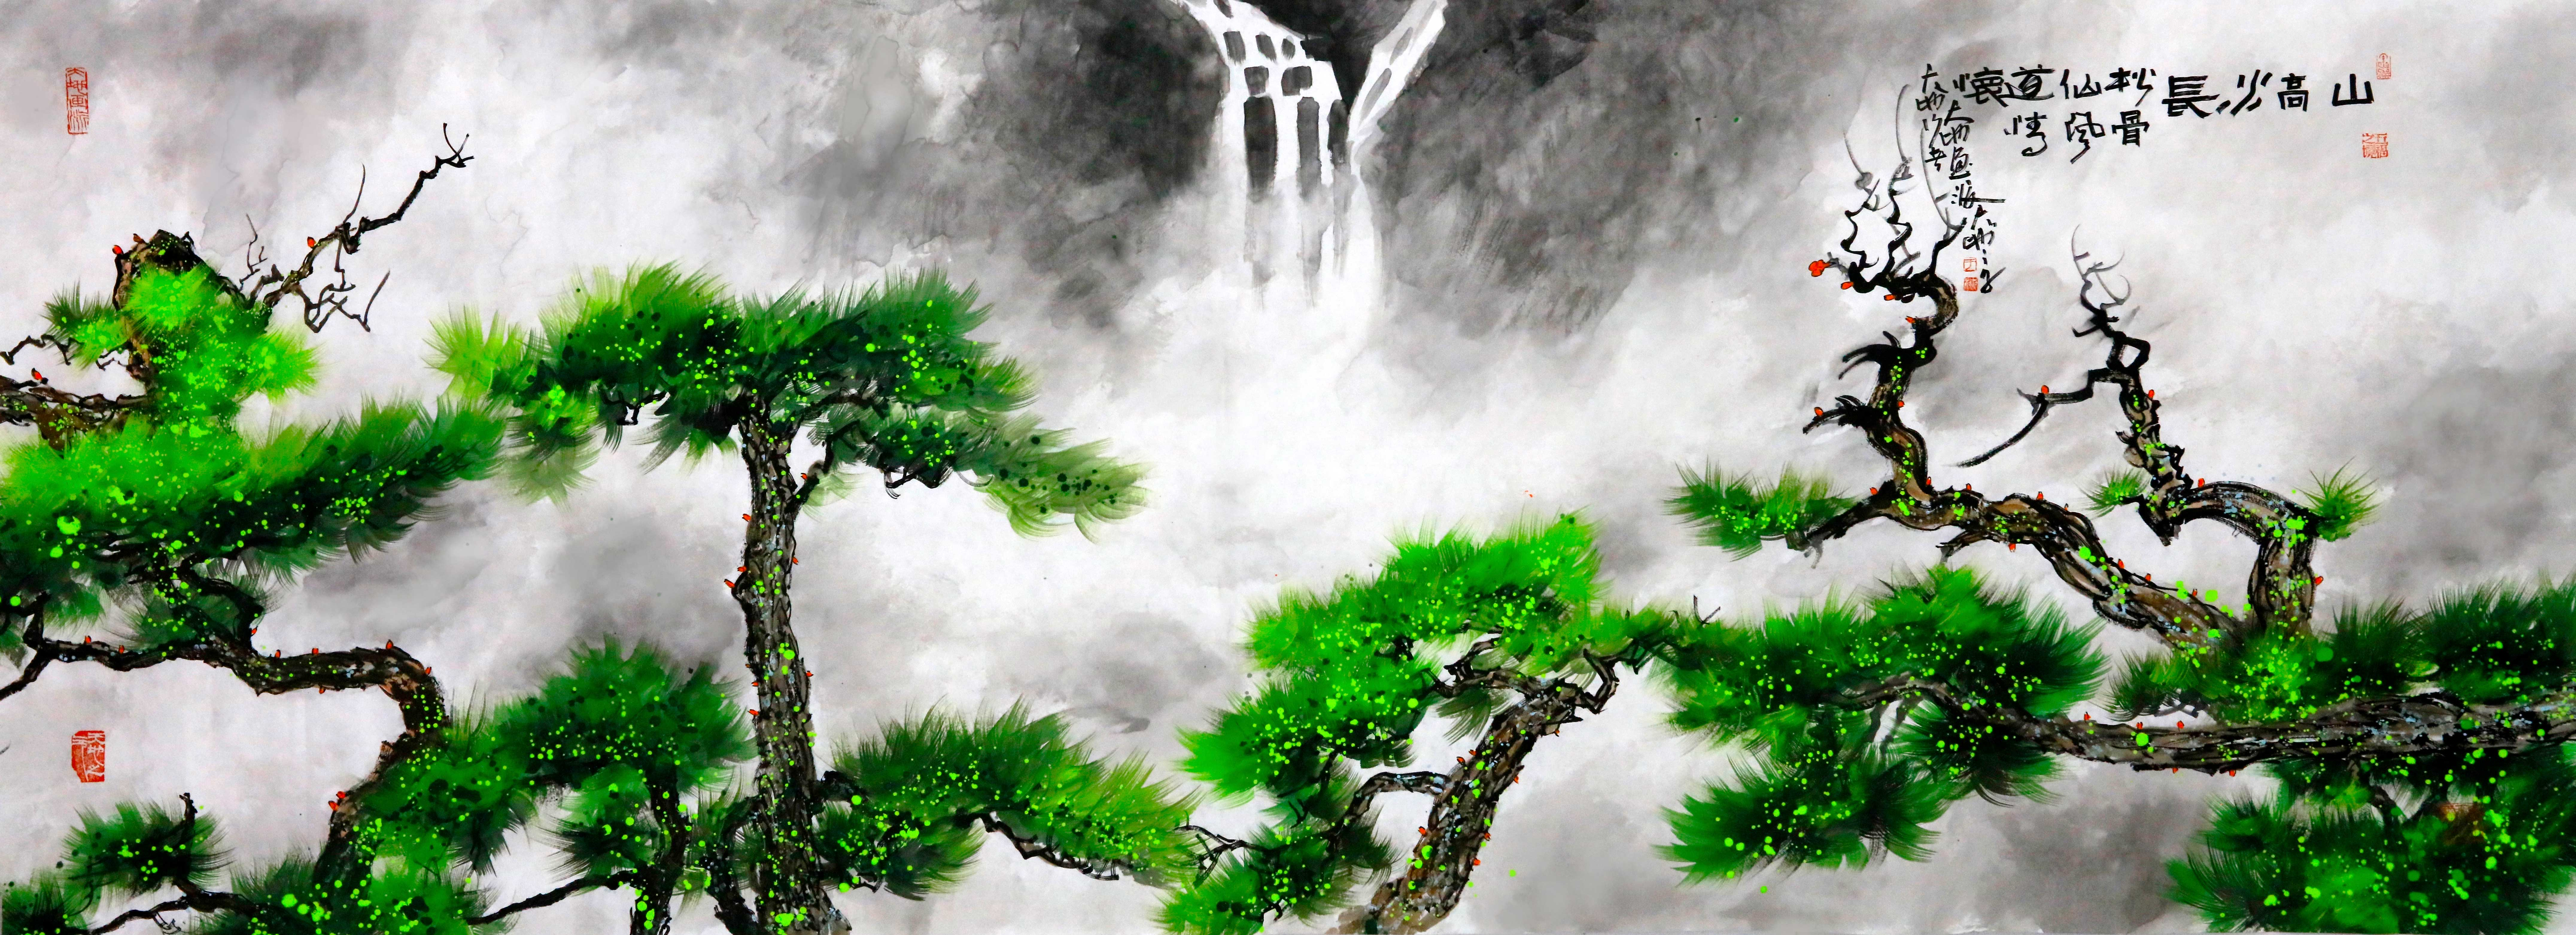 《山高水长》70X200cm--水墨厚彩境画.jpg